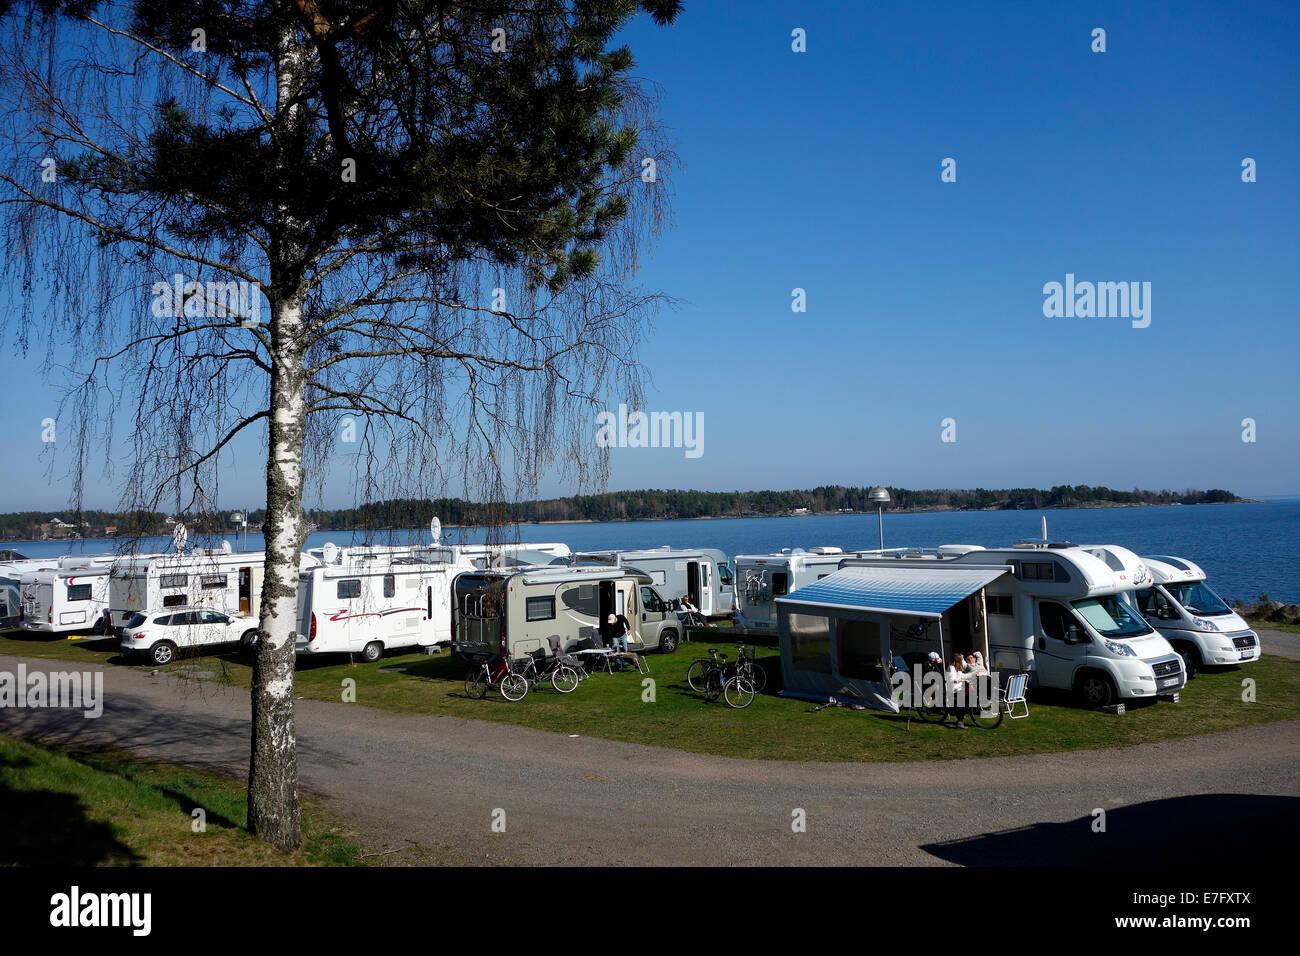 Líneas y caravanas de vehículos recreativos en Örnäs Camping, Åmål, Suecia Imagen De Stock